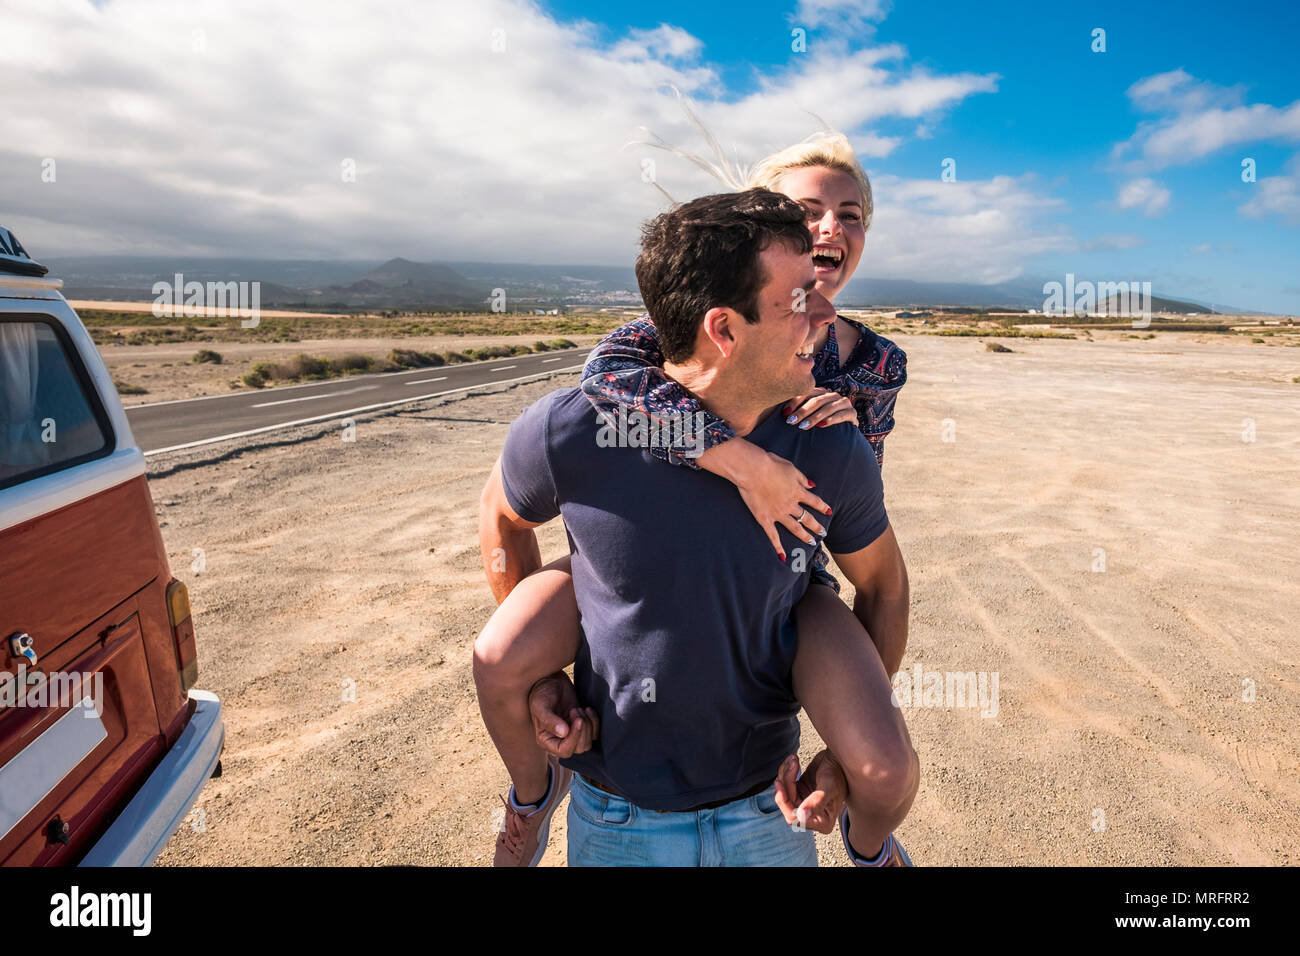 Bonito Bonito modelo caucasiano par en amor jugar y permanecer juntos en las actividades de ocio al aire libre, cerca de un largo camino que cruza el desierto en un viaje largo v Foto de stock